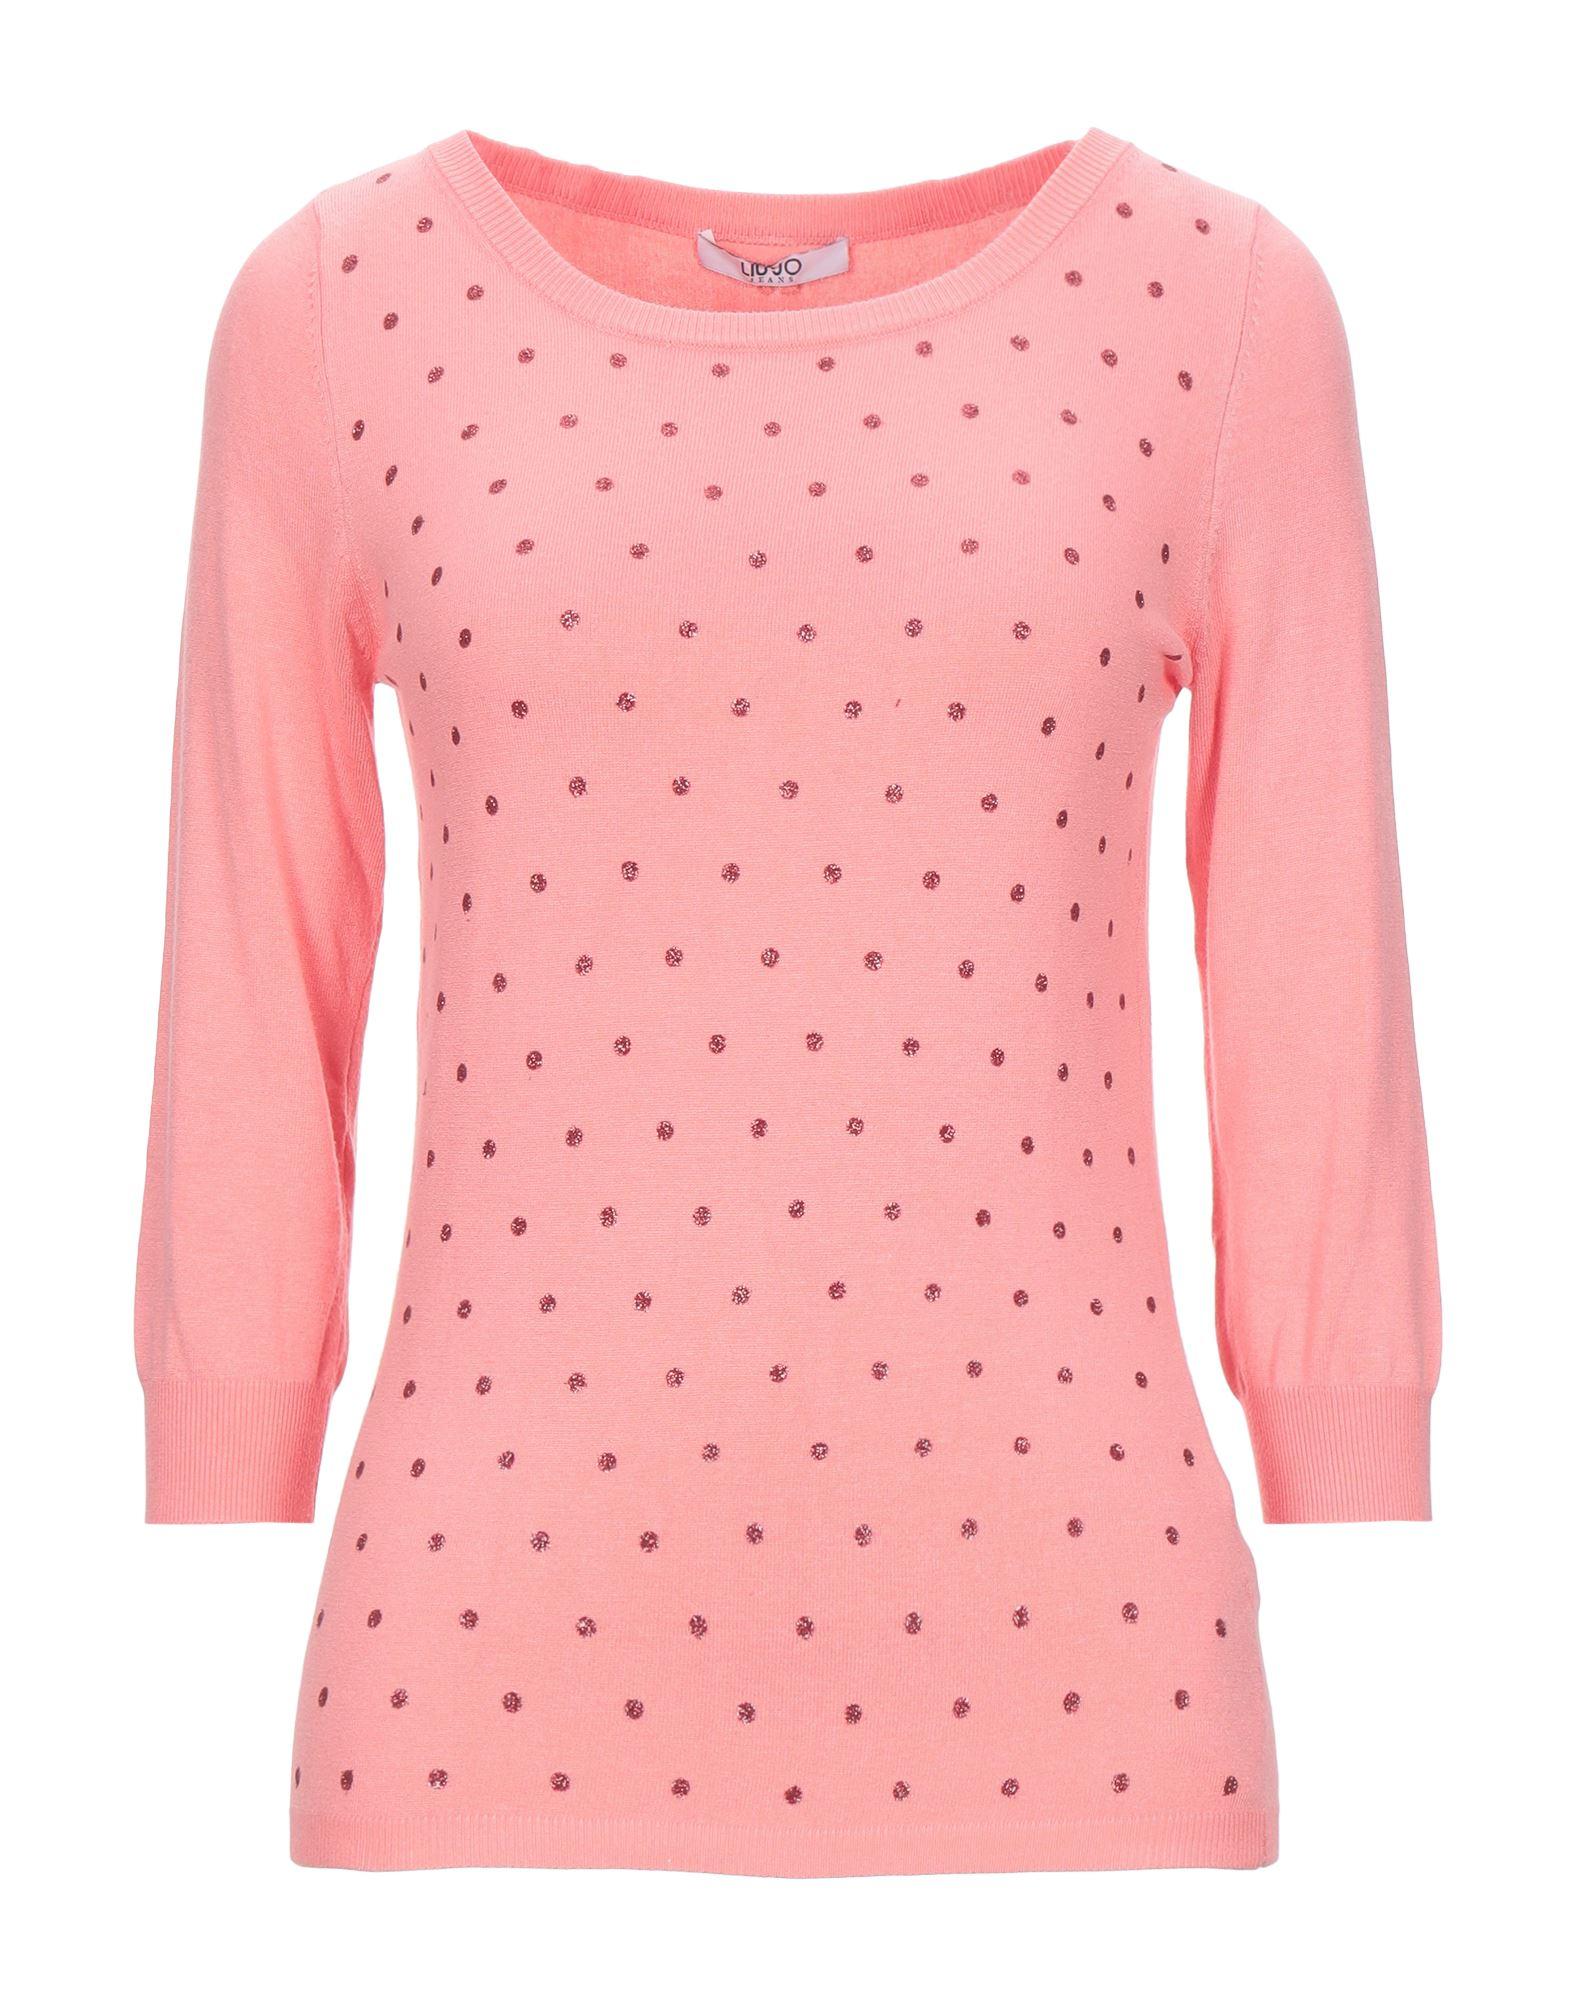 LIU JO Sweaters - Item 39827626